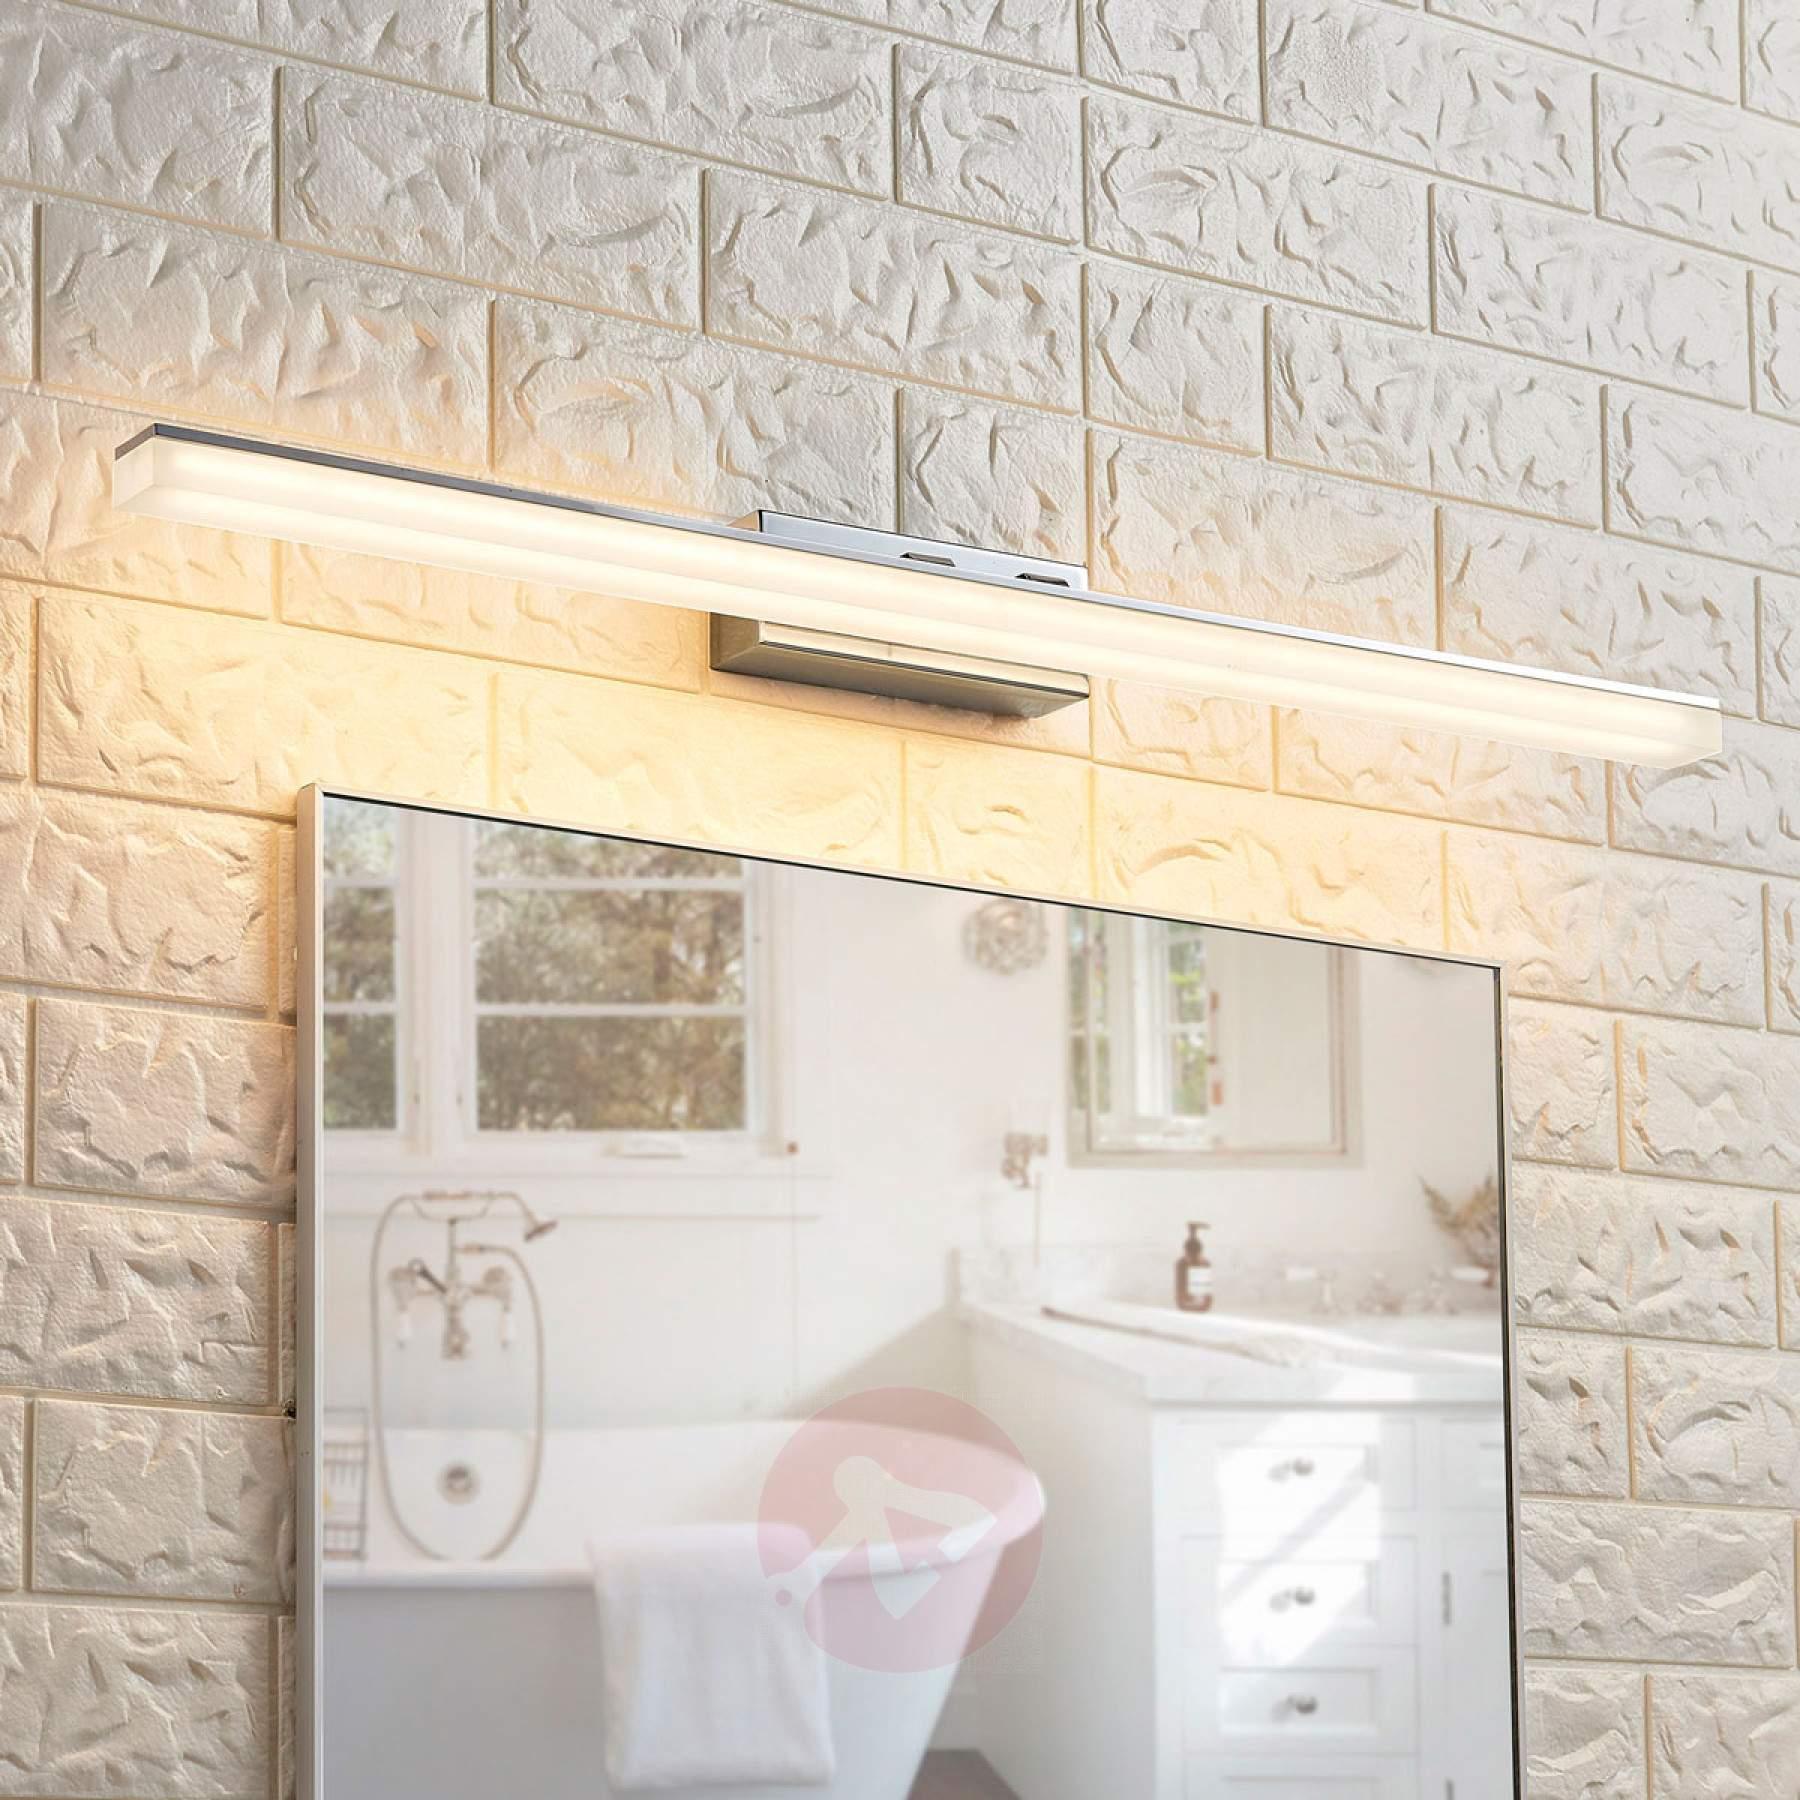 Poubelle Salle De Bain Habitat ~ 10 accessoires pour une salle de bain pratique cocon d co vie